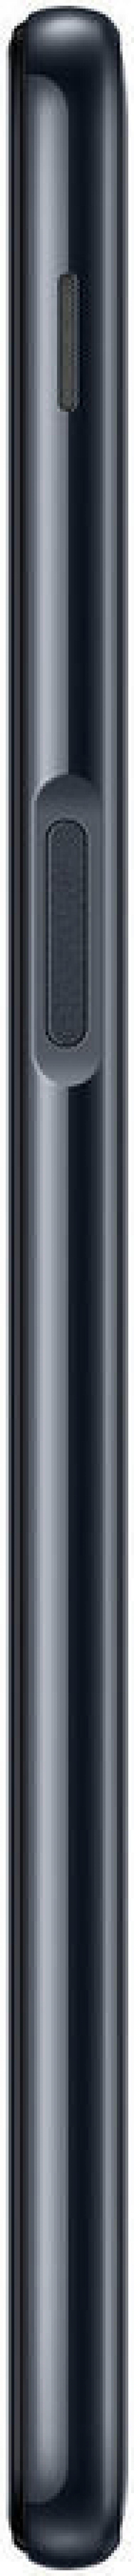 Samsung Galaxy J6 + Plus (2018) J610F